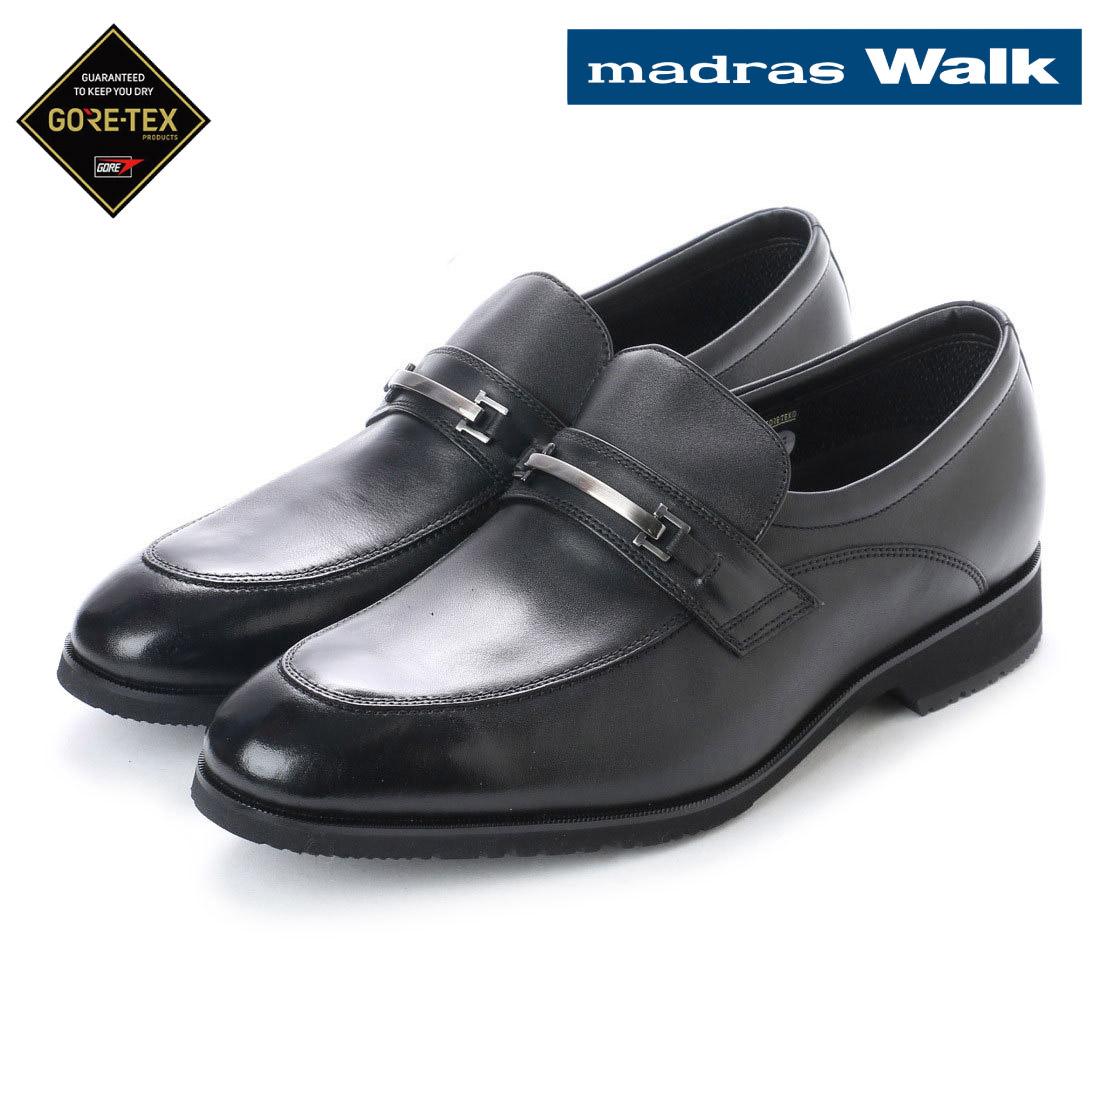 madras Walk マドラス スリッポン ビット ビジネス シューズ ゴアテックス MW8005 防水 【nesh】 【新品】